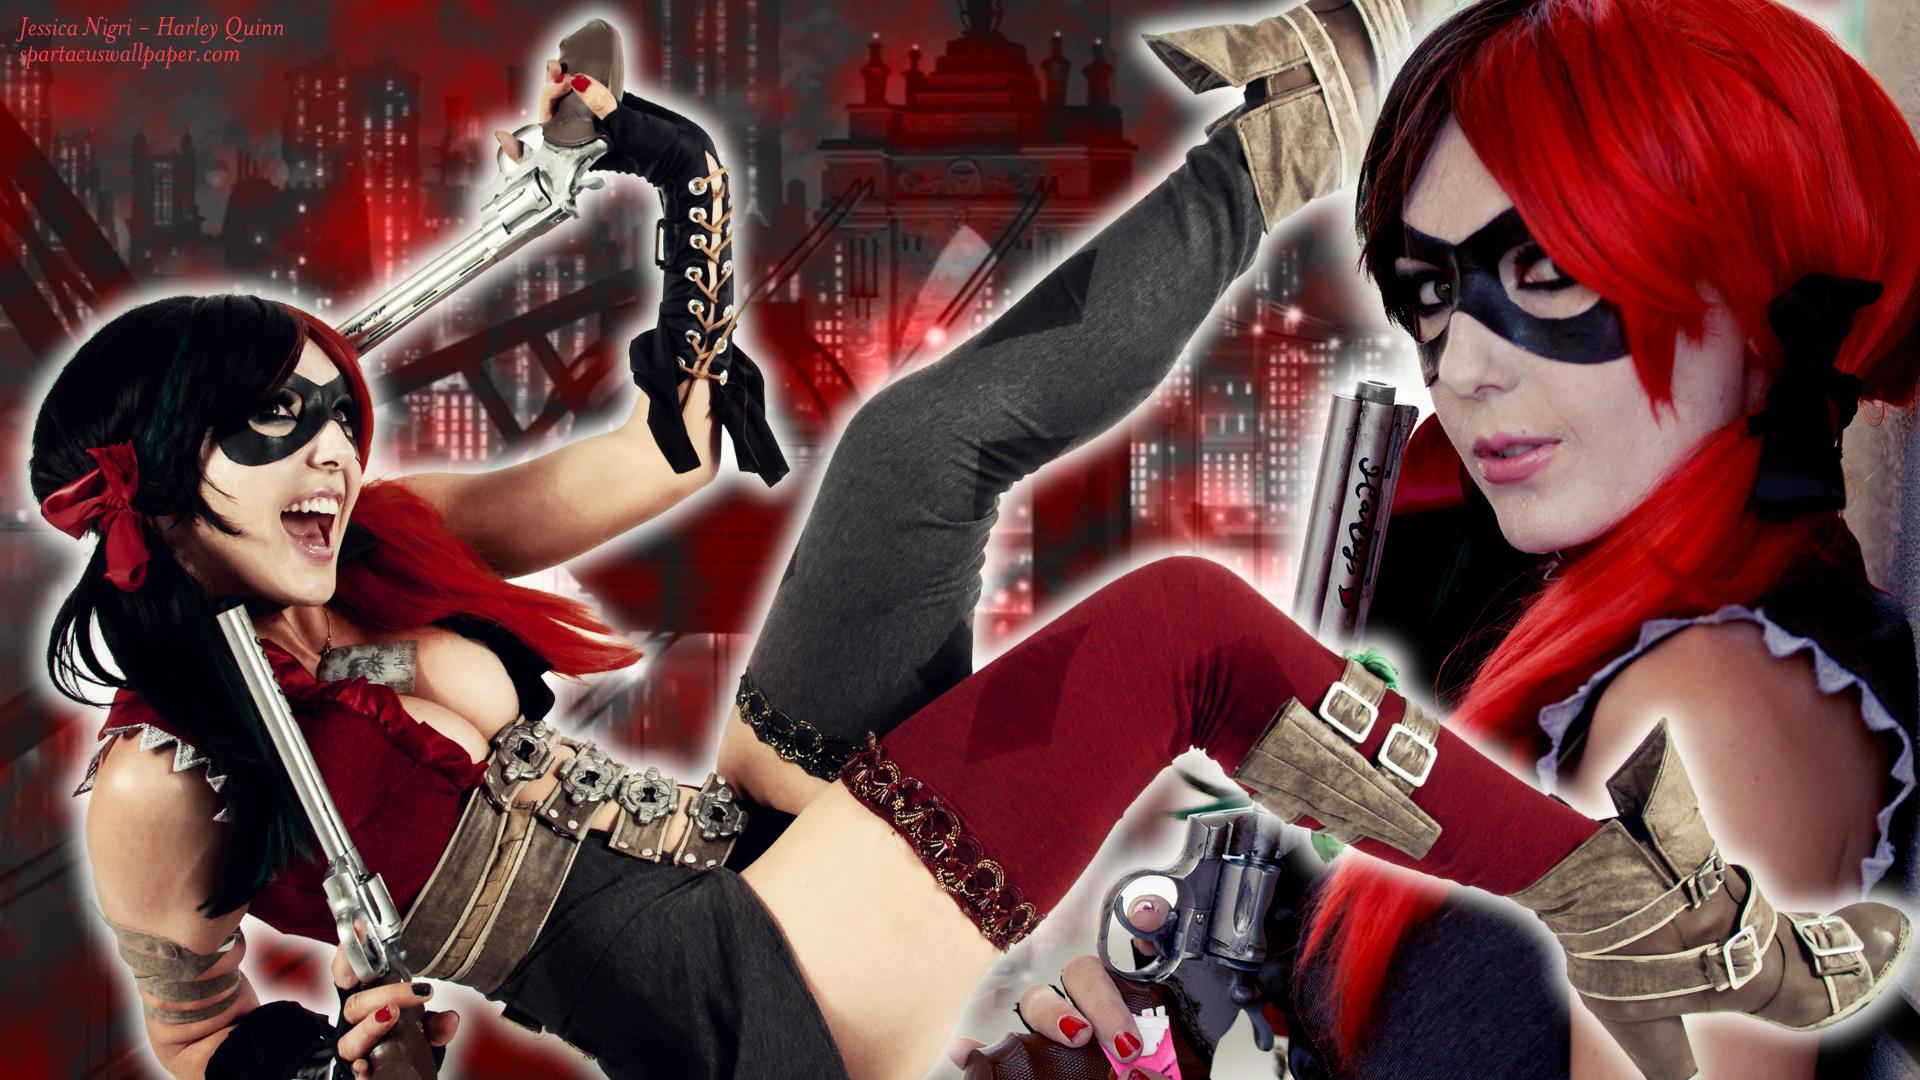 Jessica Nigri Harley Quinn Wallpapers Wallpapersafari